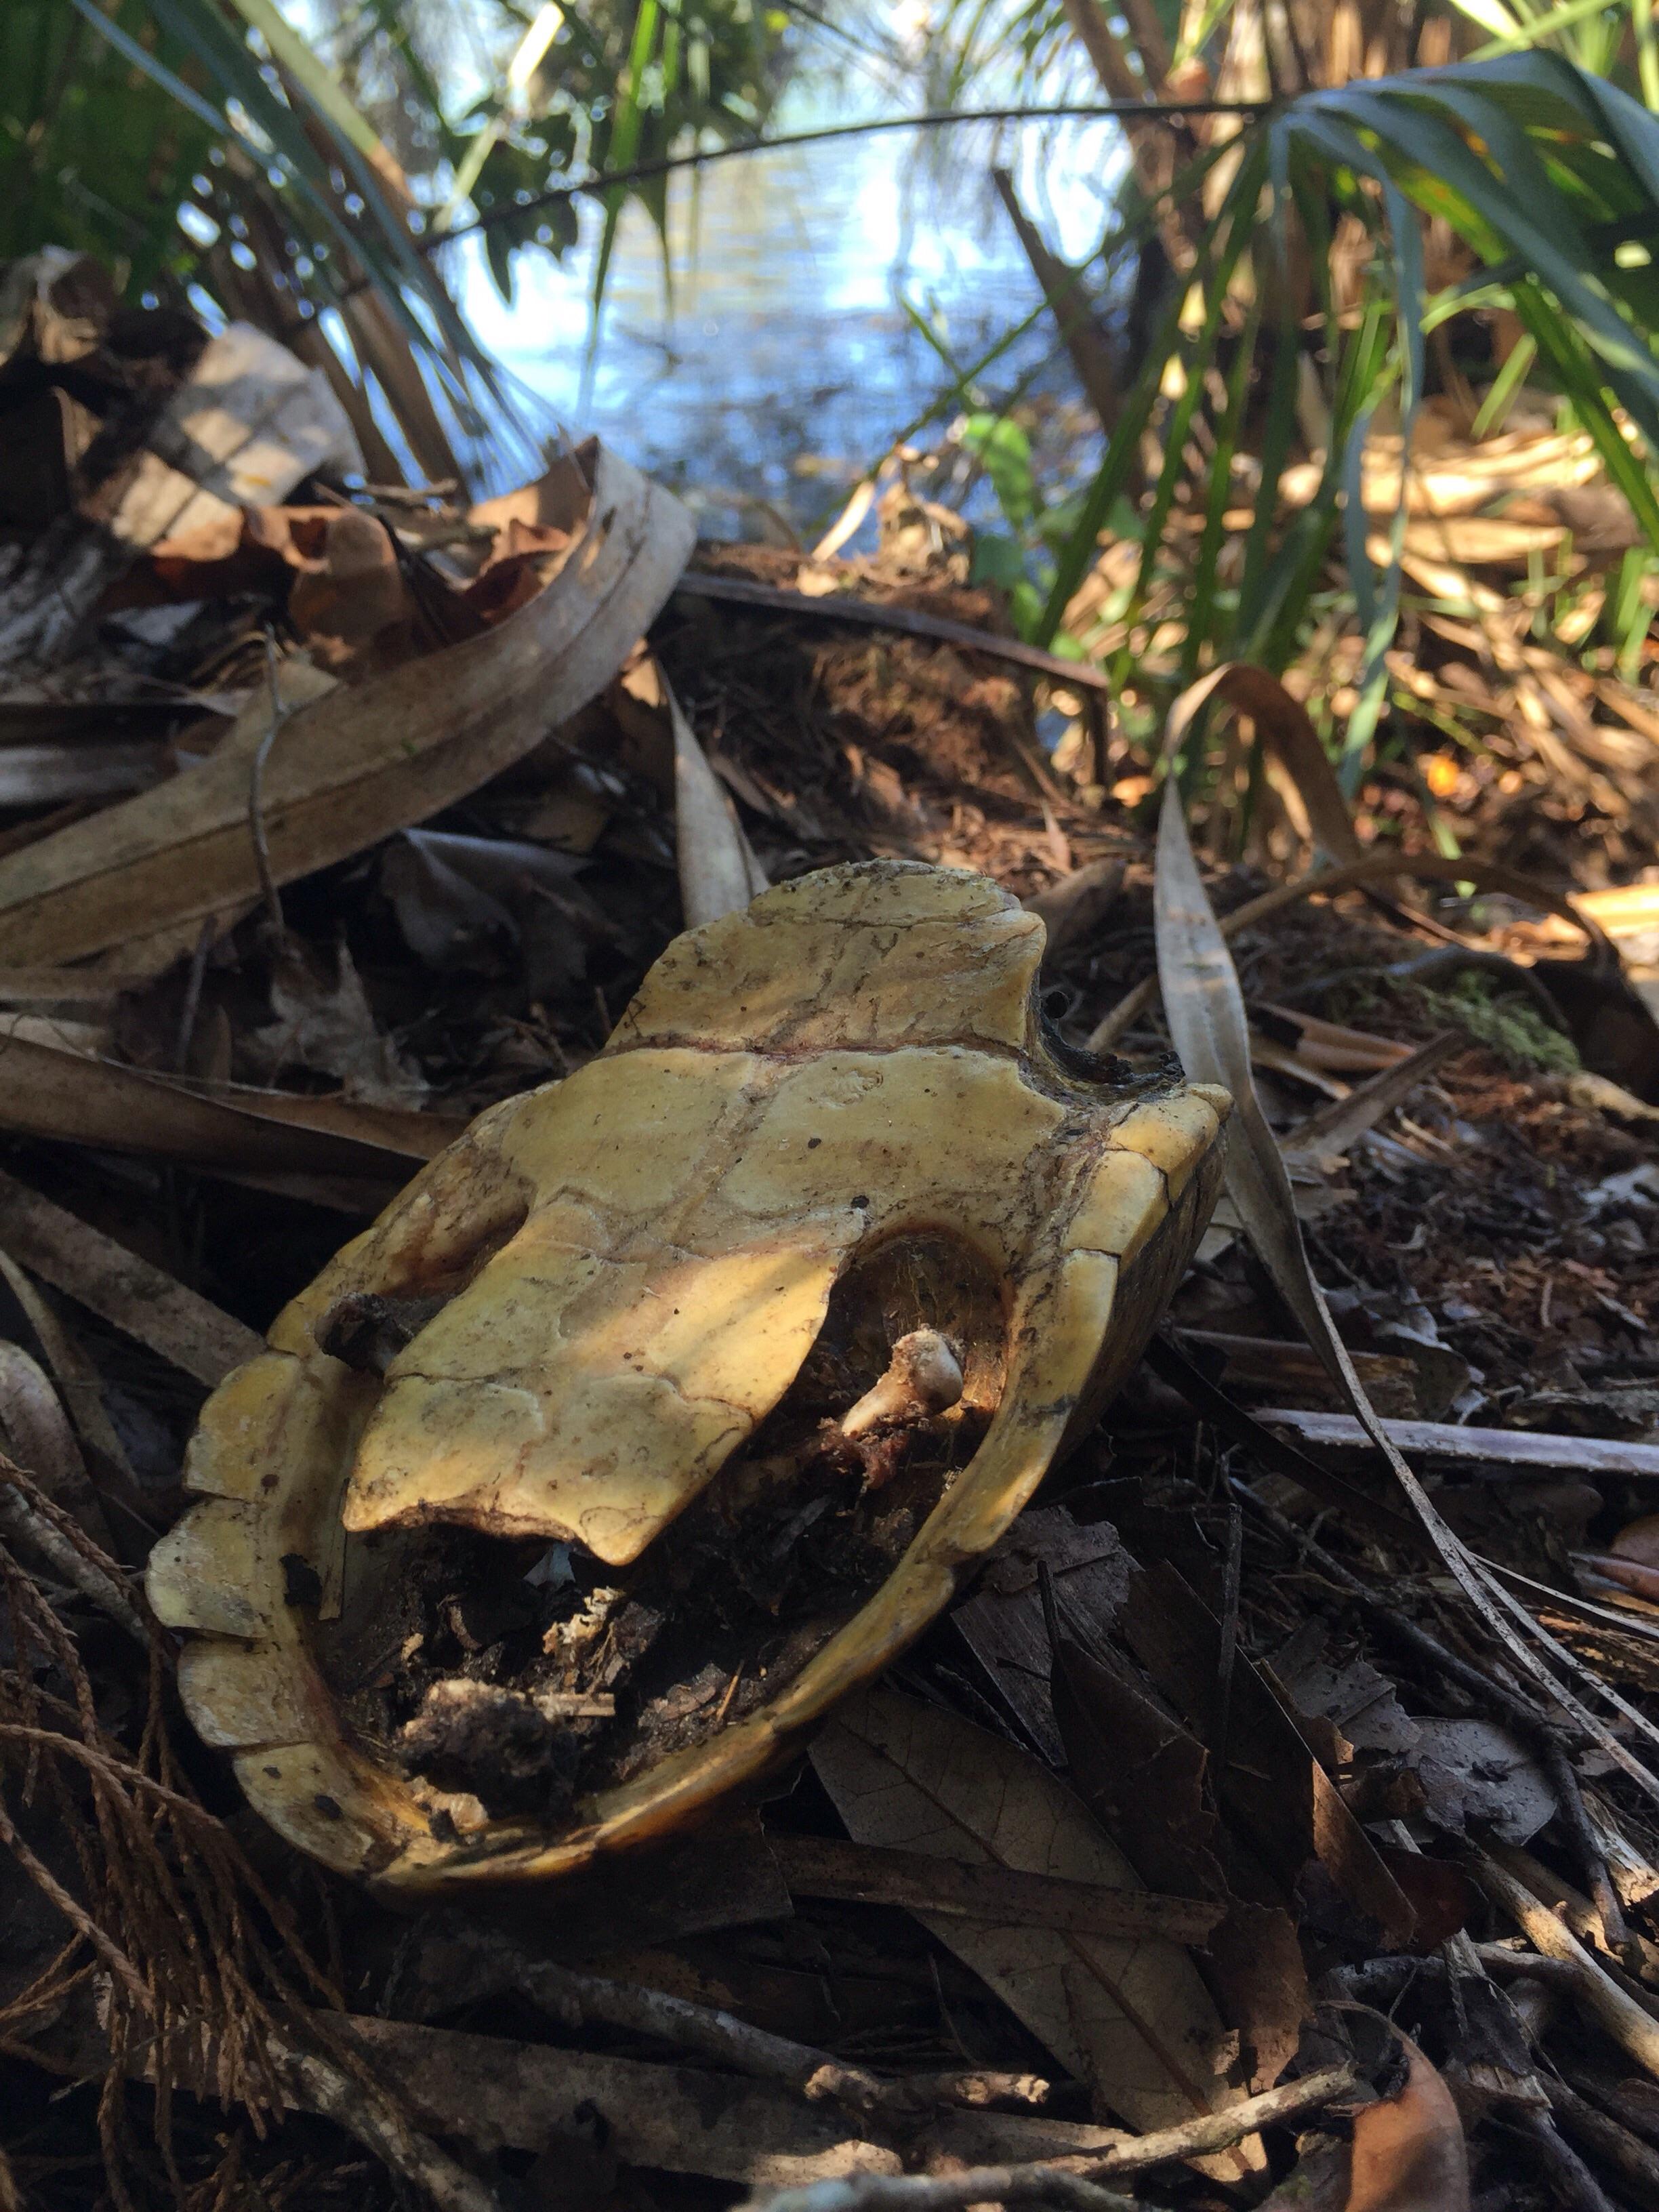 A shell of a loggerhead musk turtle.